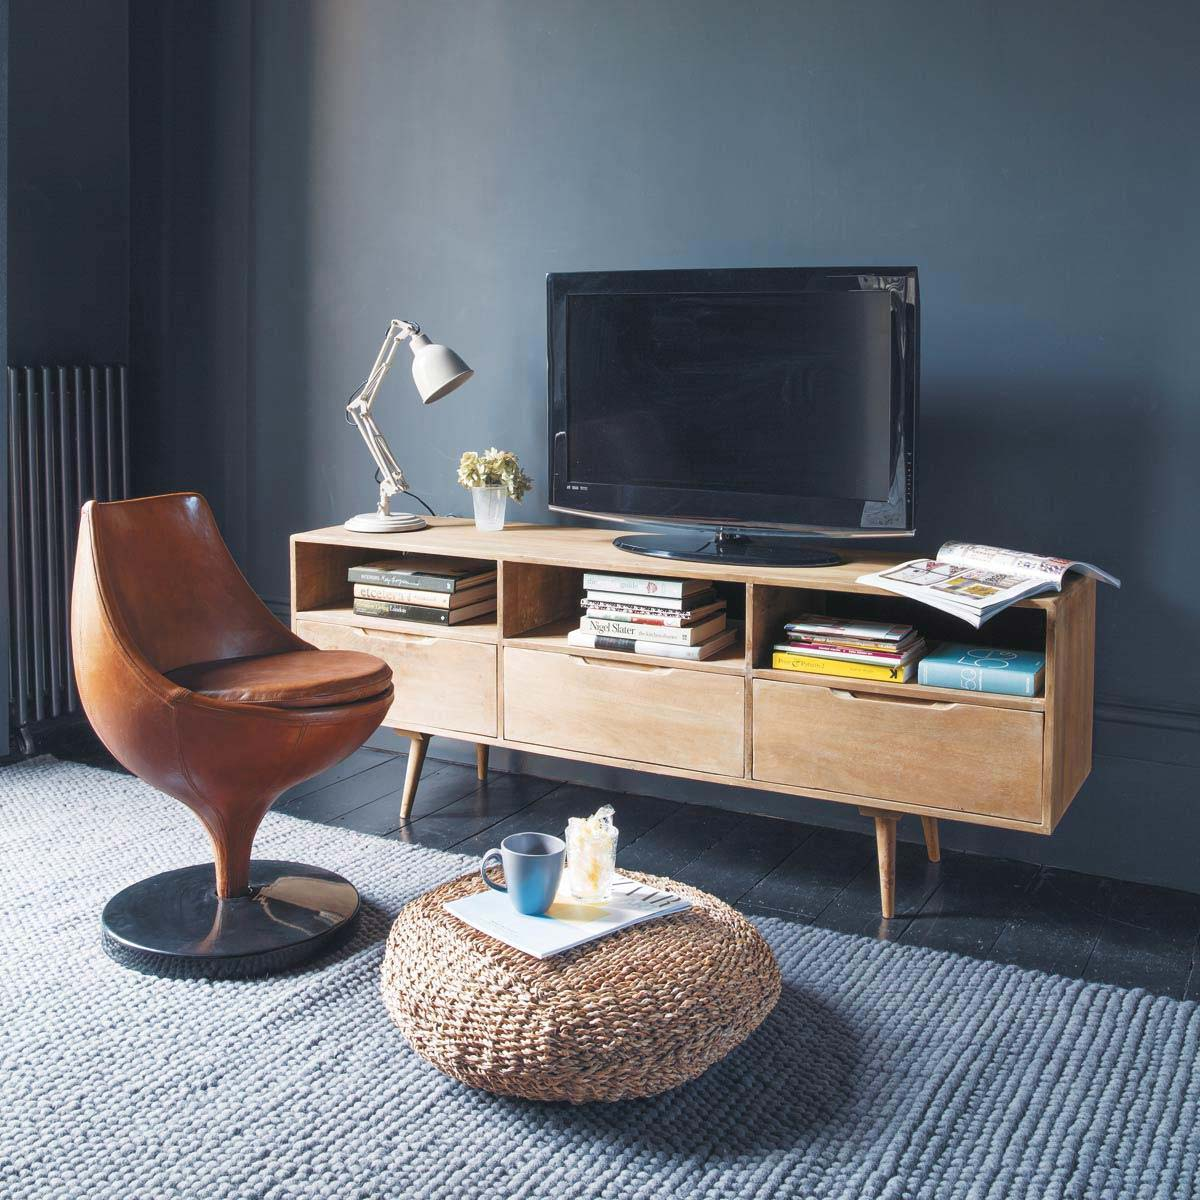 Meuble tv vintage maisons du monde - Le monde muebles ...